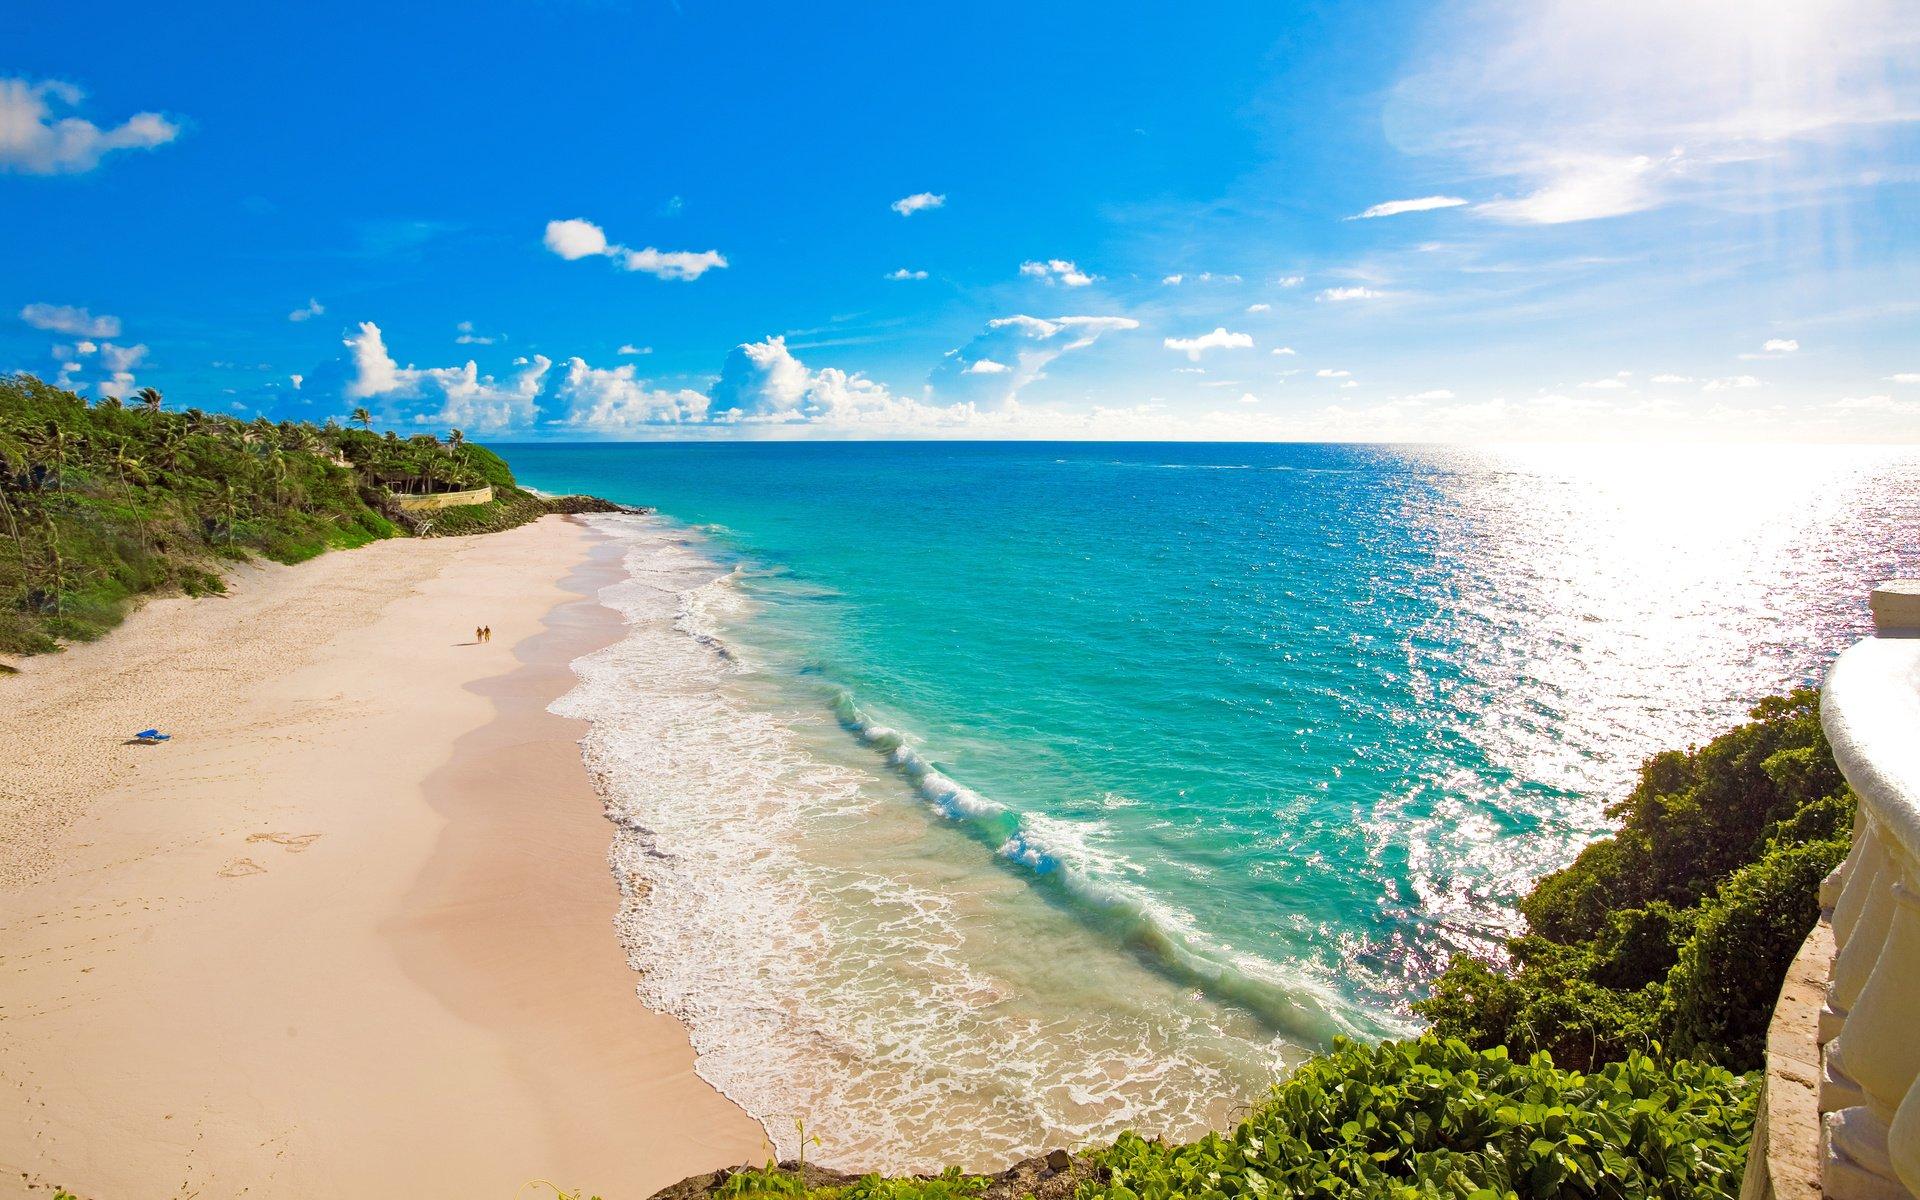 представляли картинки пляж большое разрешение даче вещь